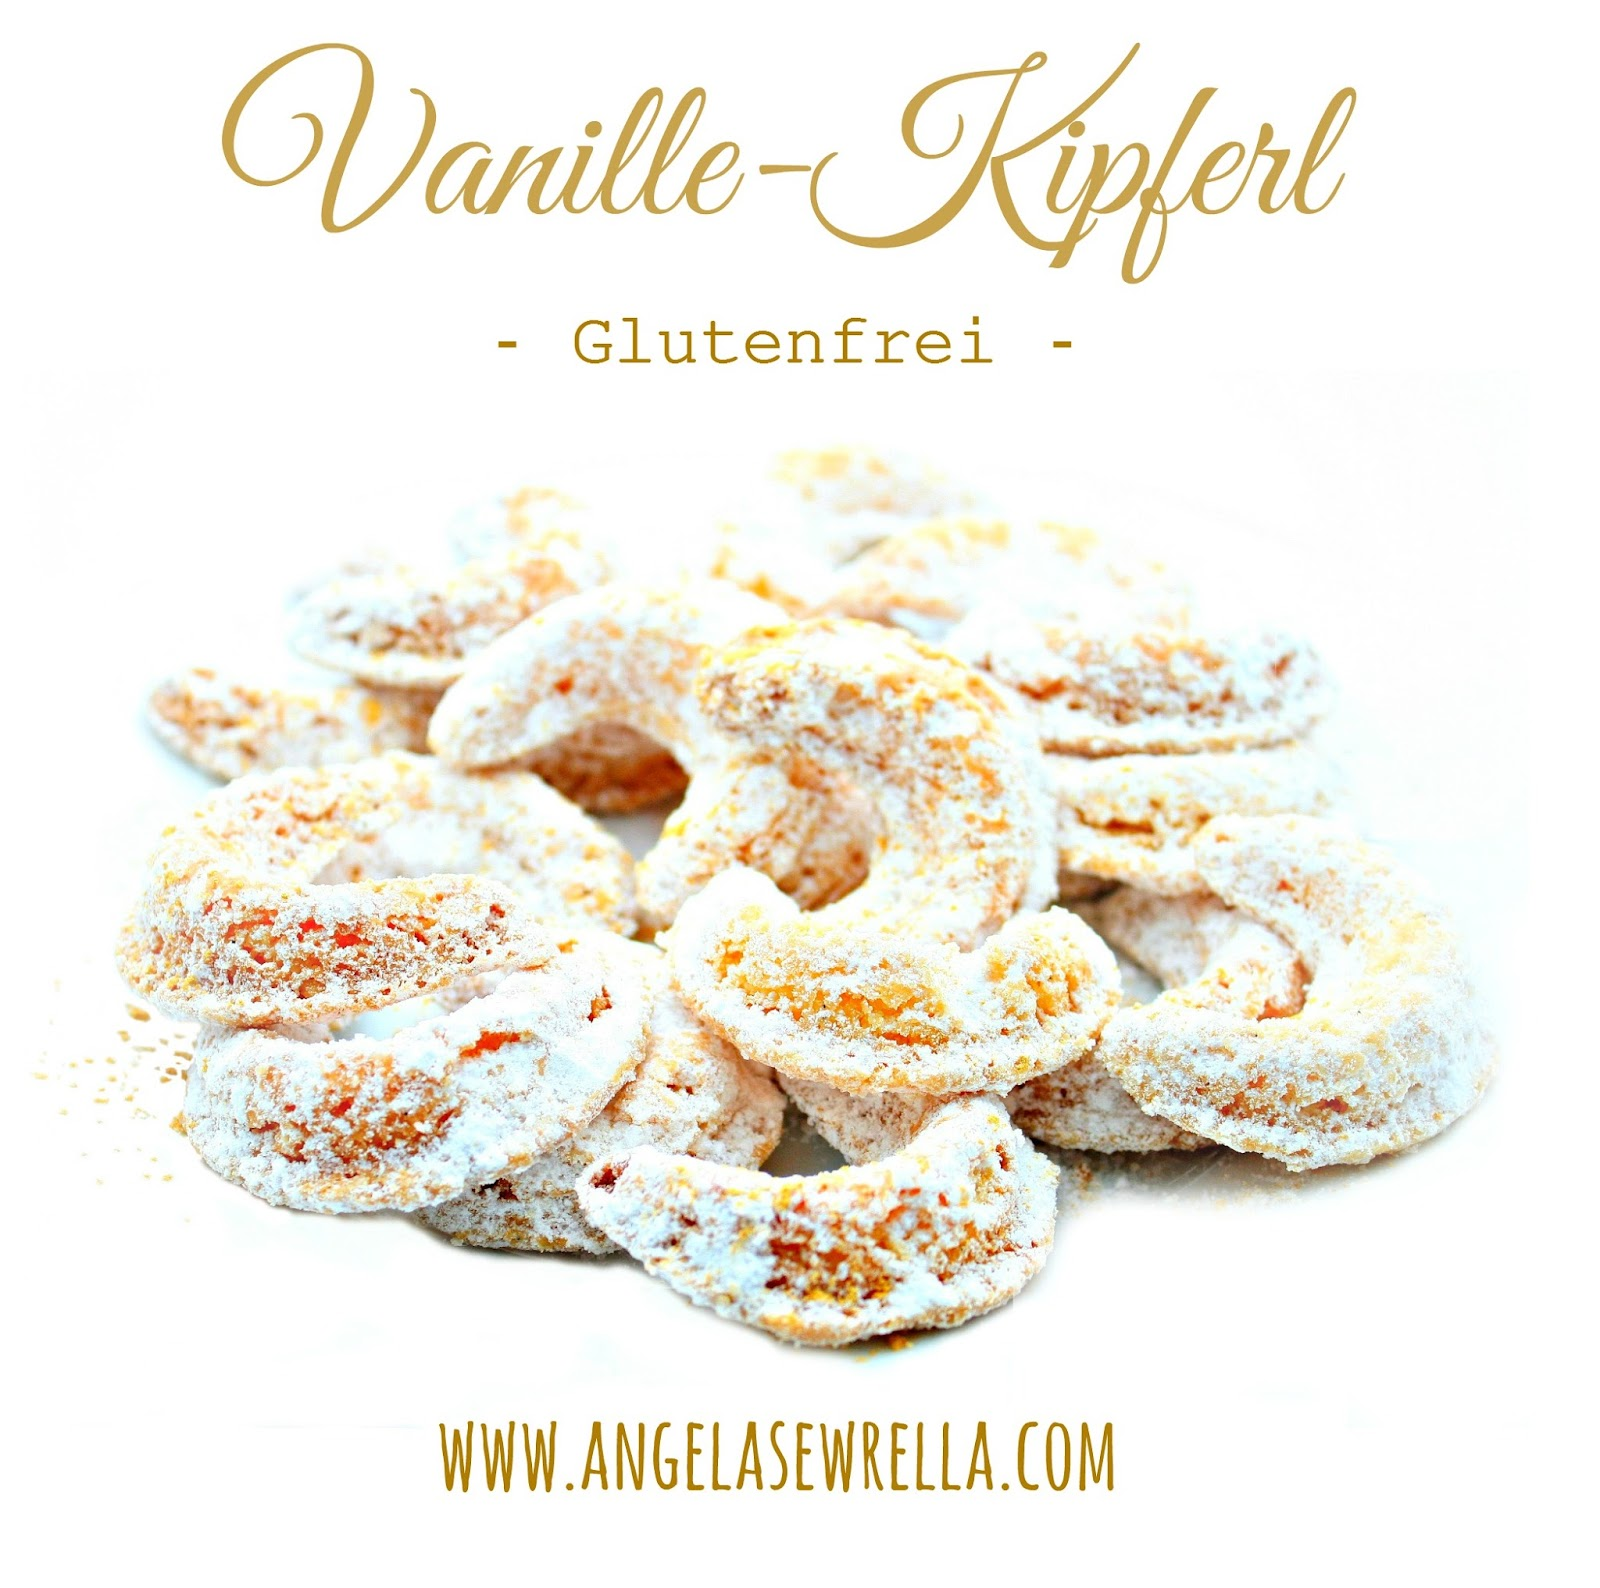 selbstgebackene Vanille-Kipferl vom mit der Vanille-Kipferl-Form von Zenker